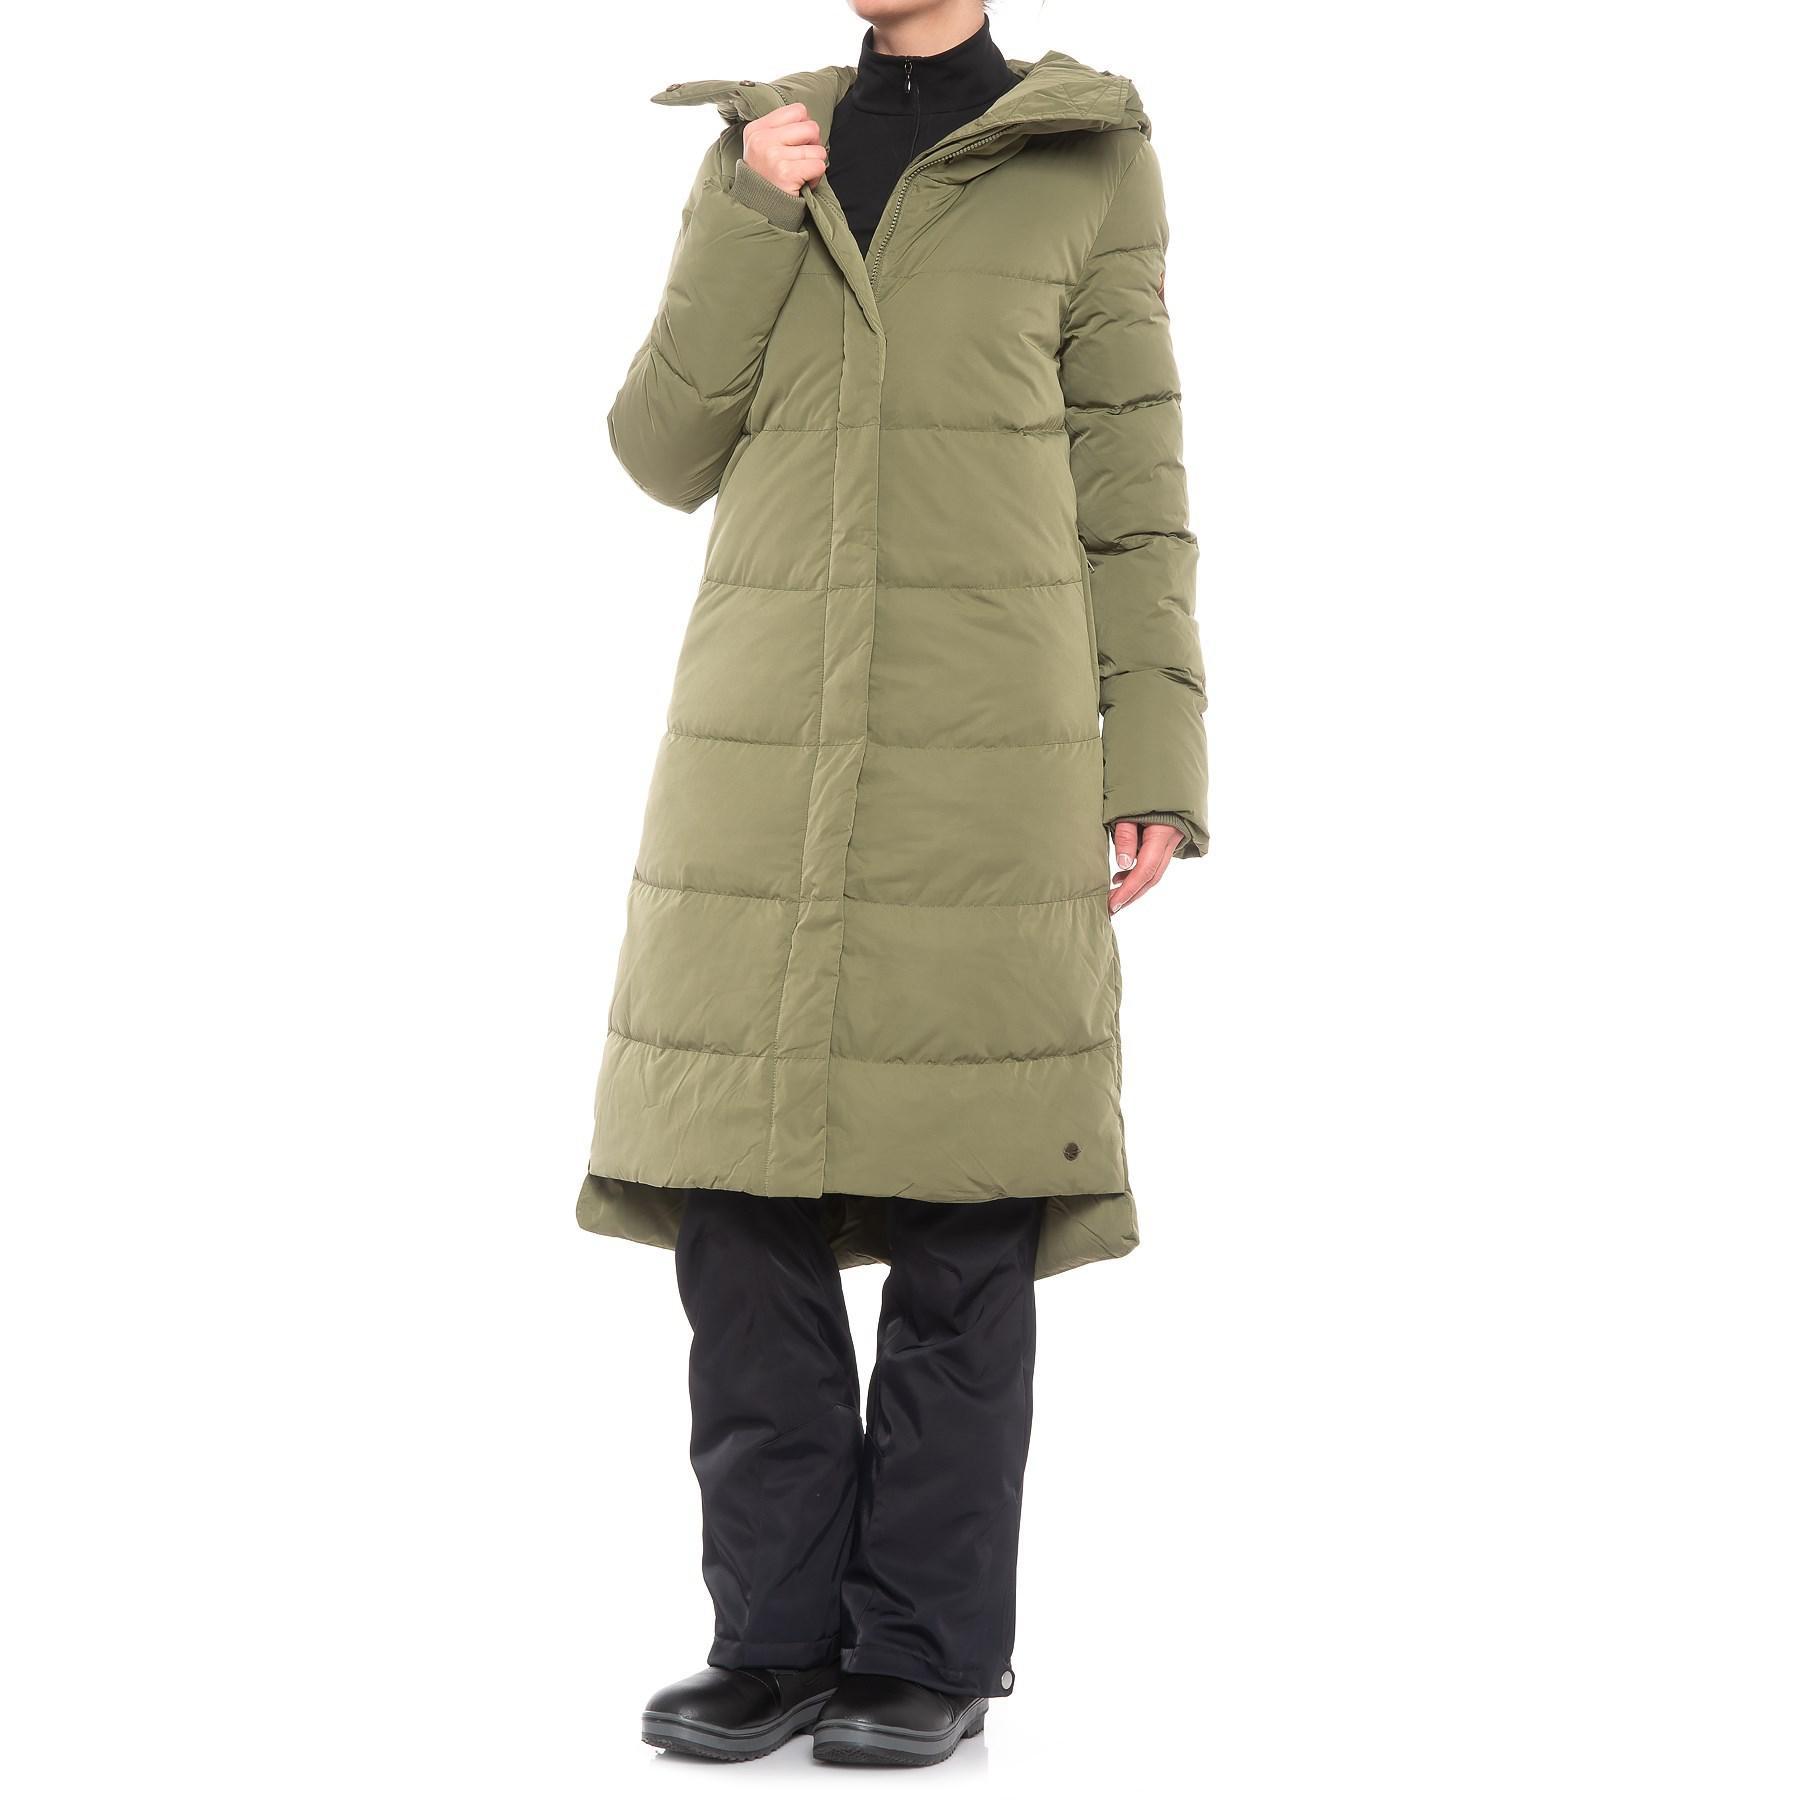 99c2184ca0c3 Lyst - O neill Sportswear Long Padded Down Jacket (for Women) in Green